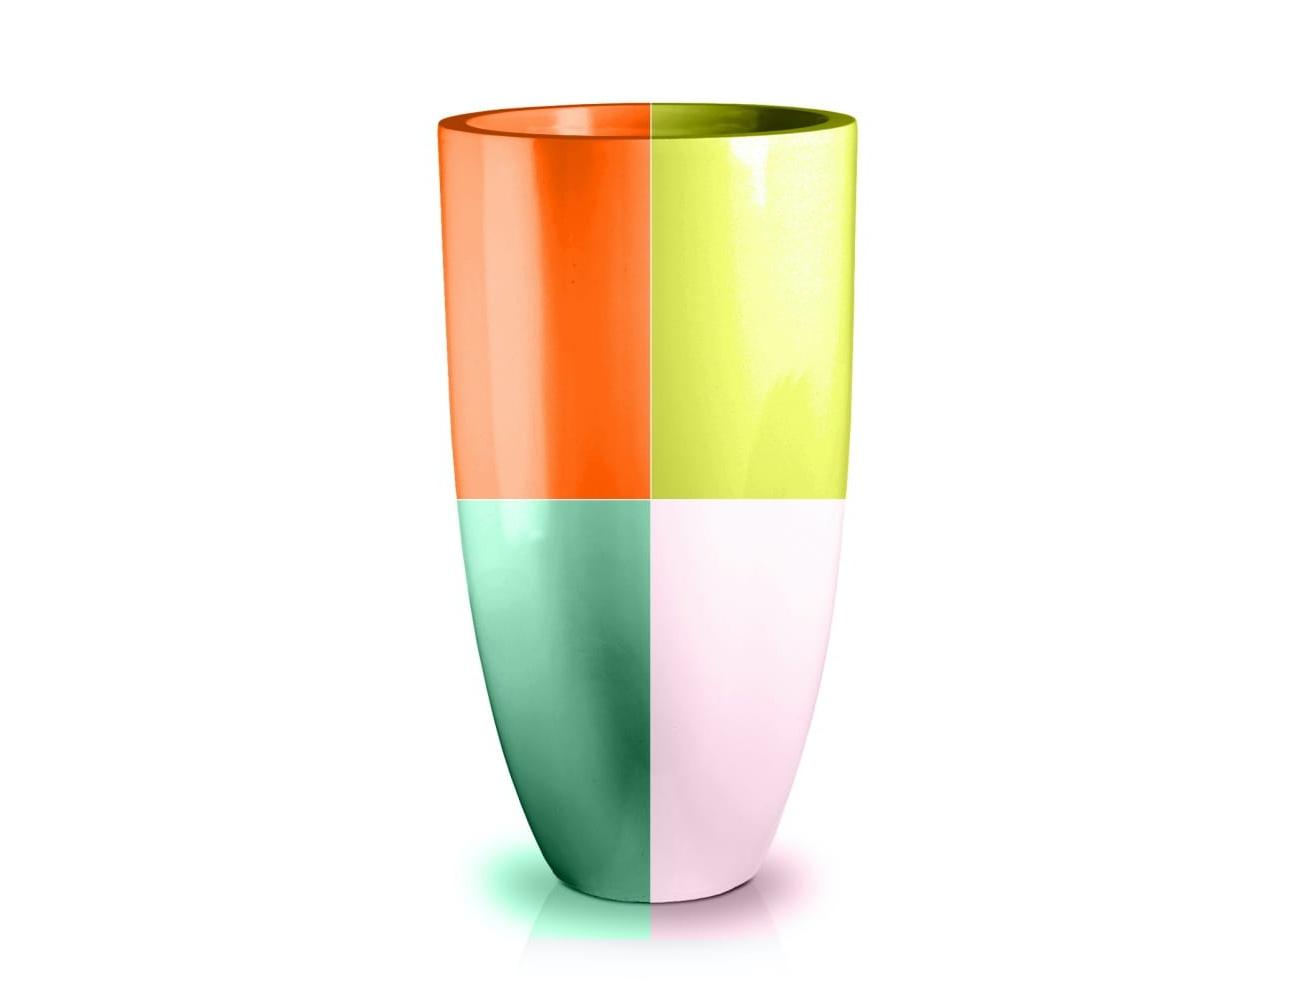 Donica Fiberglass Cygaro 100x55 cm kolor na zamówienie